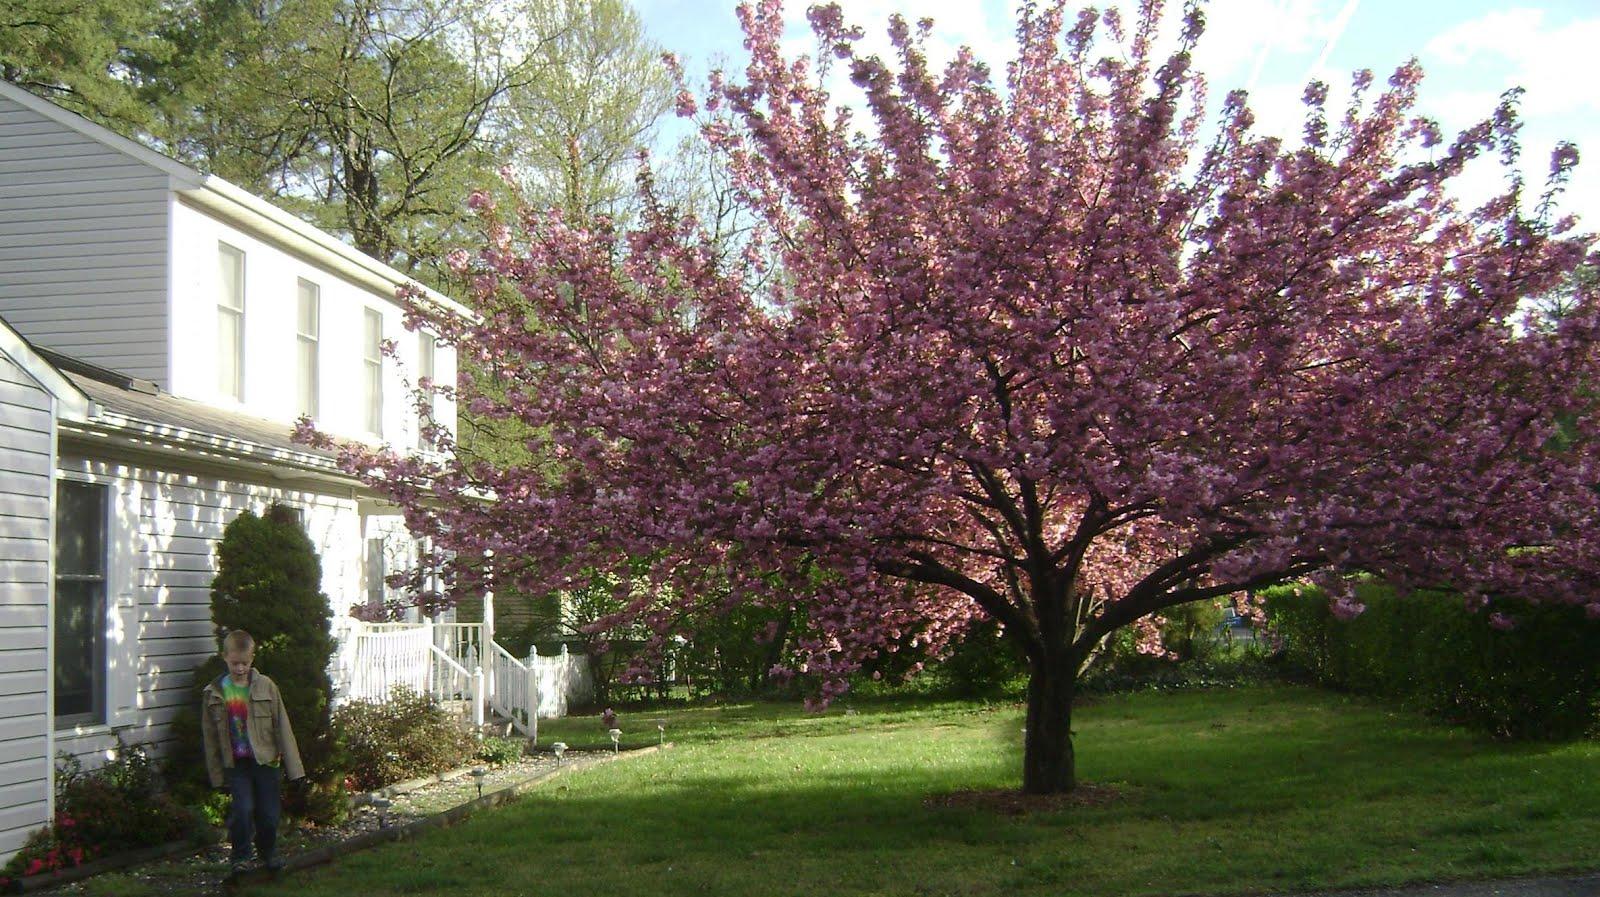 http://3.bp.blogspot.com/-BW-DLUsx3O8/T2d7V5gCVsI/AAAAAAAAEQI/DoWHfHw1uzo/s1600/spring.JPG